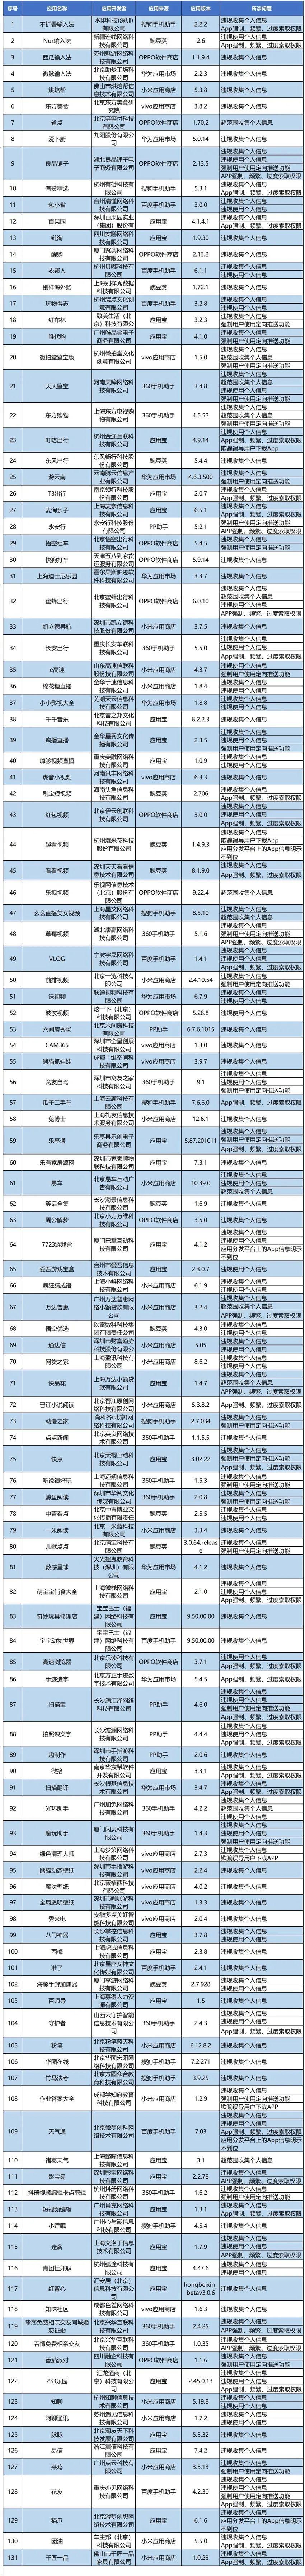 """在皖台湾青年创业记:克服""""水土不服"""" 看好未来发展"""